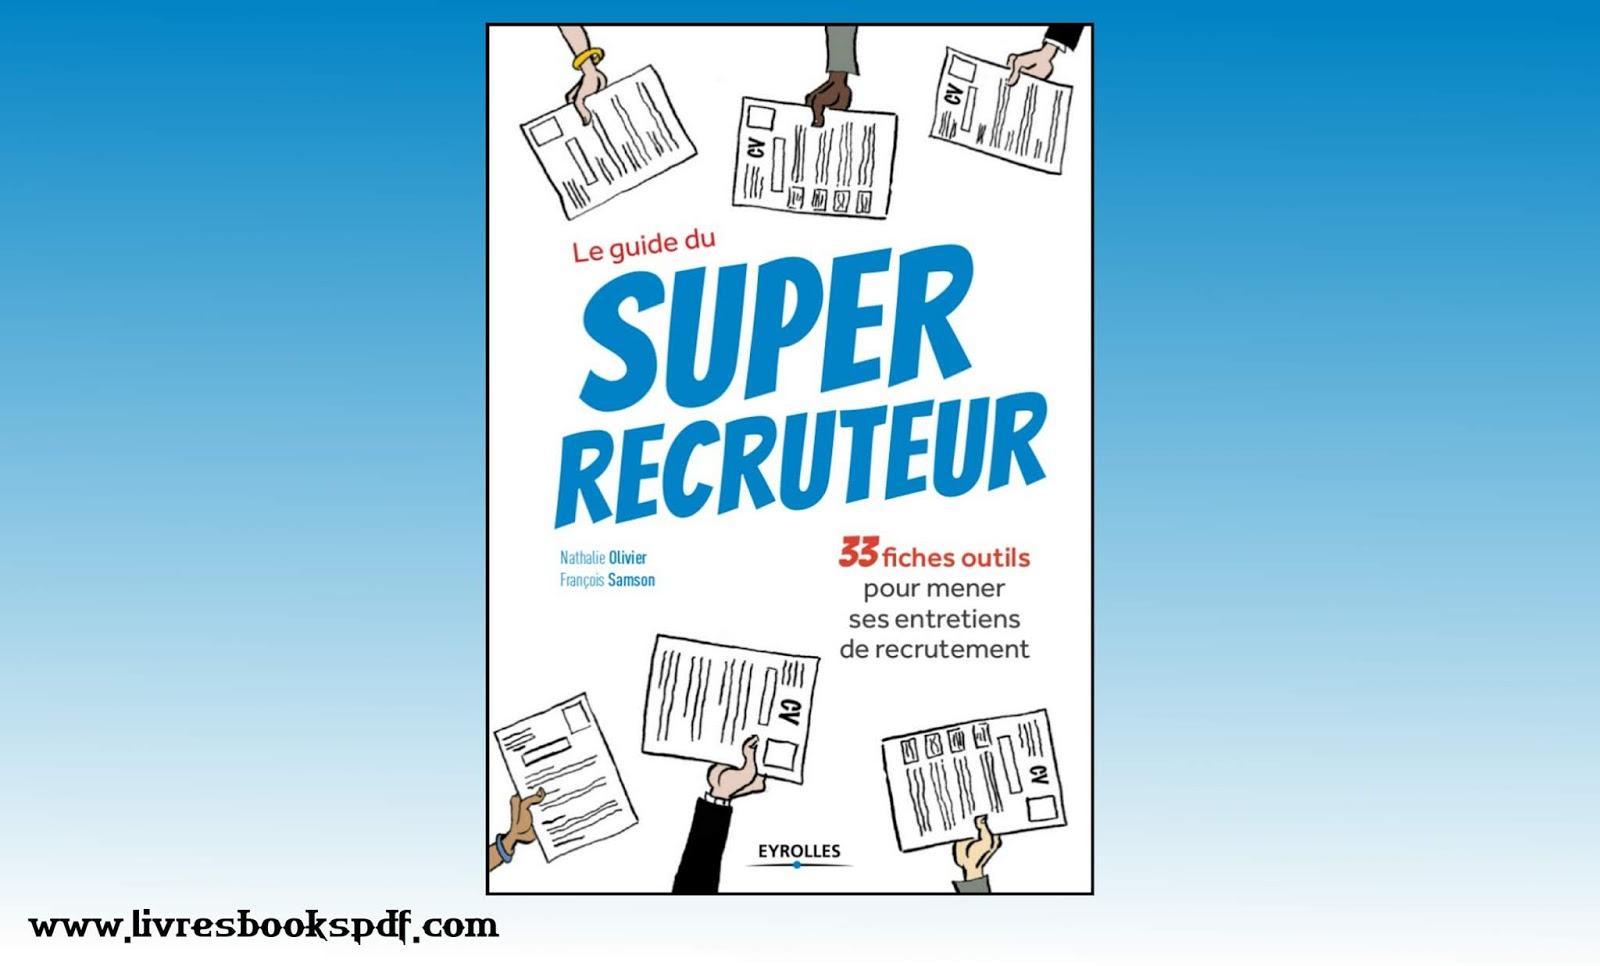 Le guide du Super recruteur : 33 fiches outils pour mener ses entretiens de recrutement